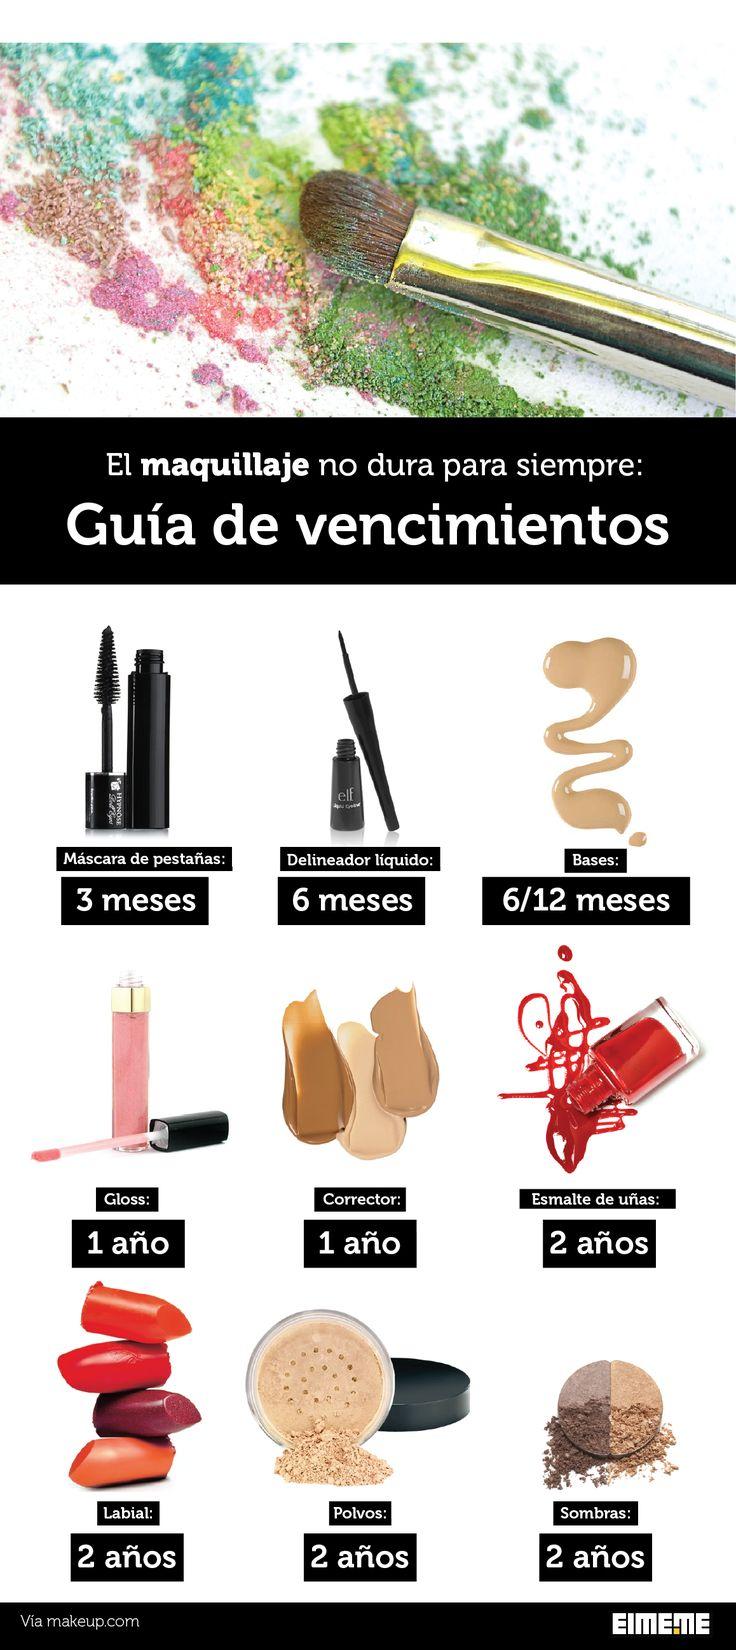 El maquillaje no dura para siempre: aprendé los vencimientos y limpiá tu portacosméticos